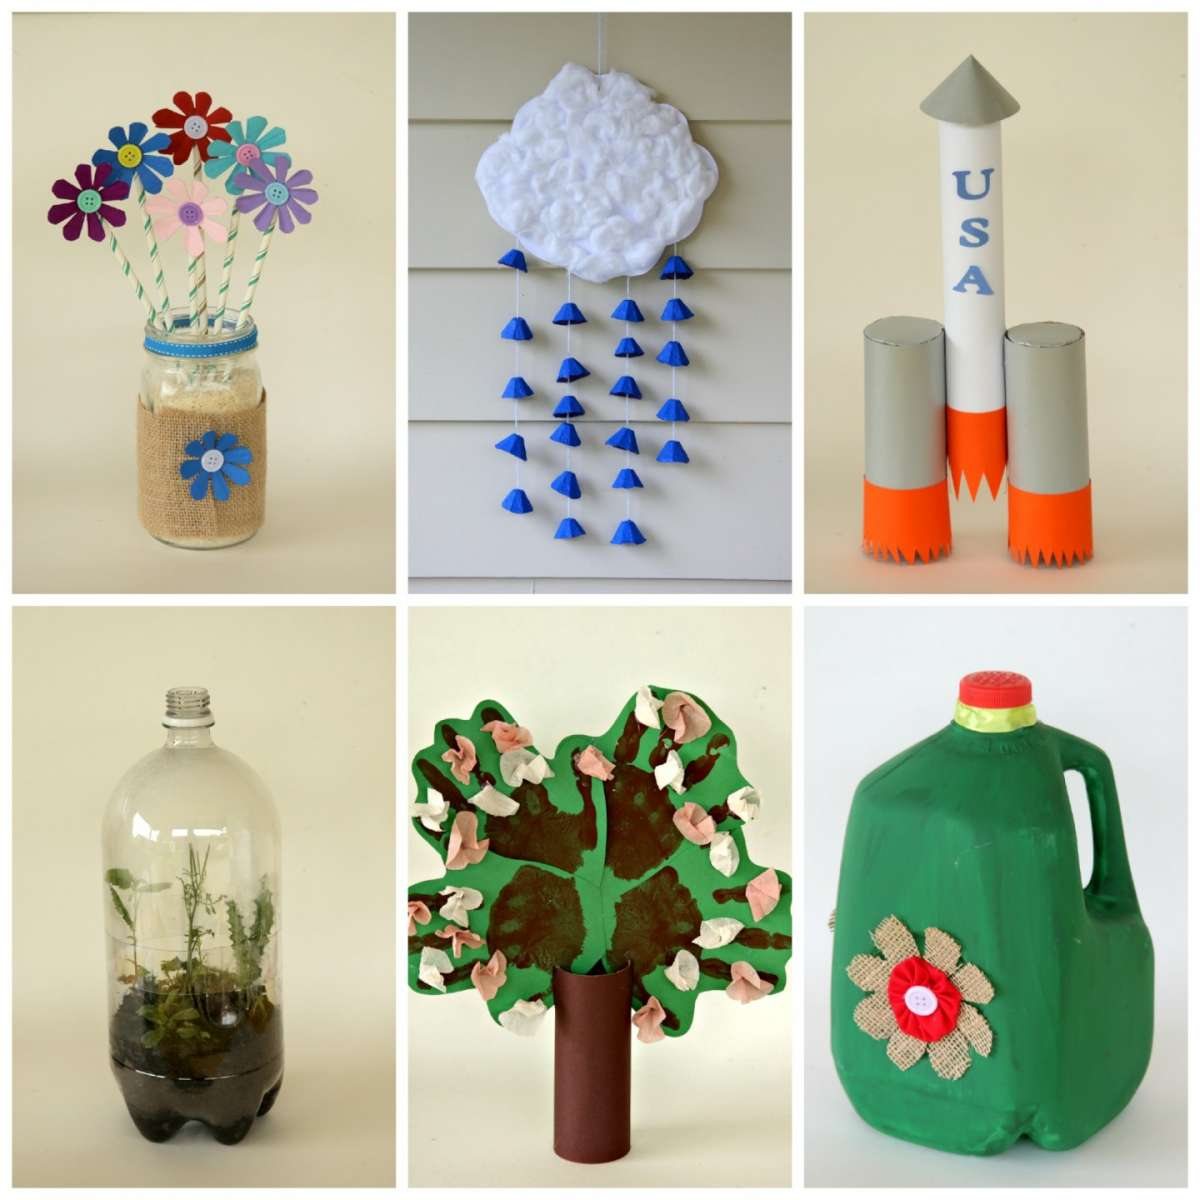 Riciclo creativo dei flaconi: 10 idee creative da non perdere [FOTO]